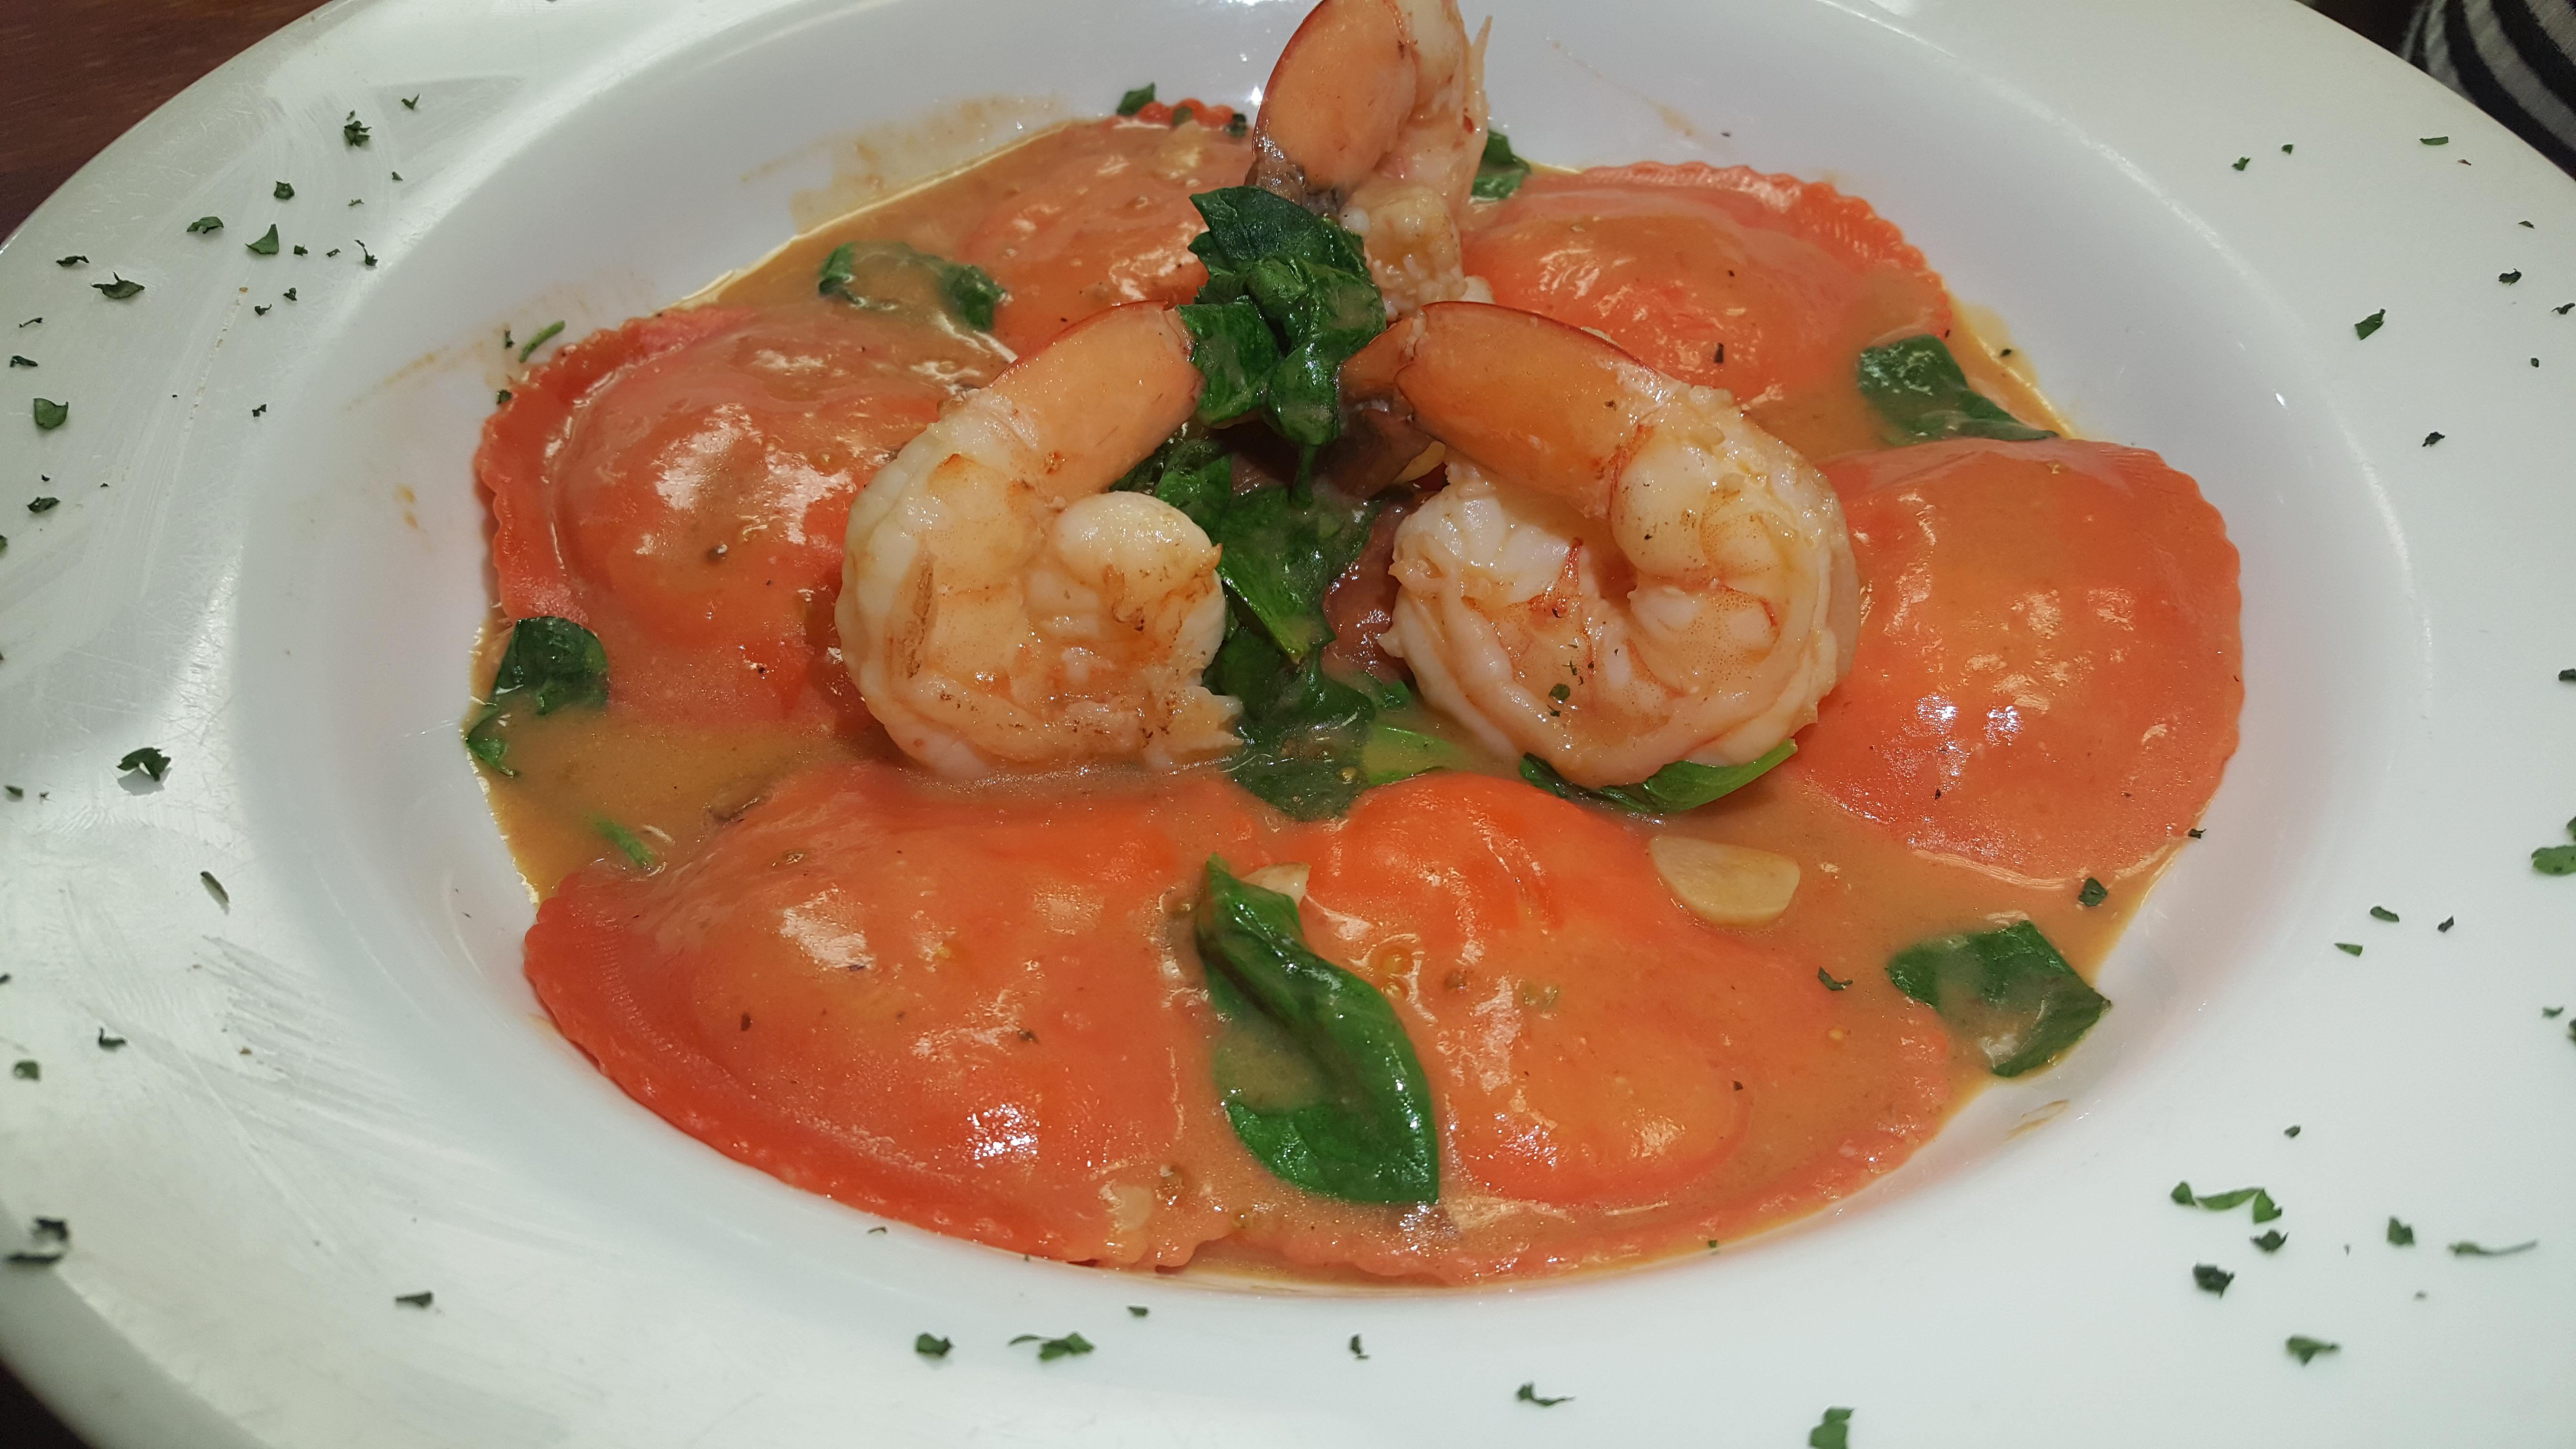 homemade pasta special: Lobster Ravioli